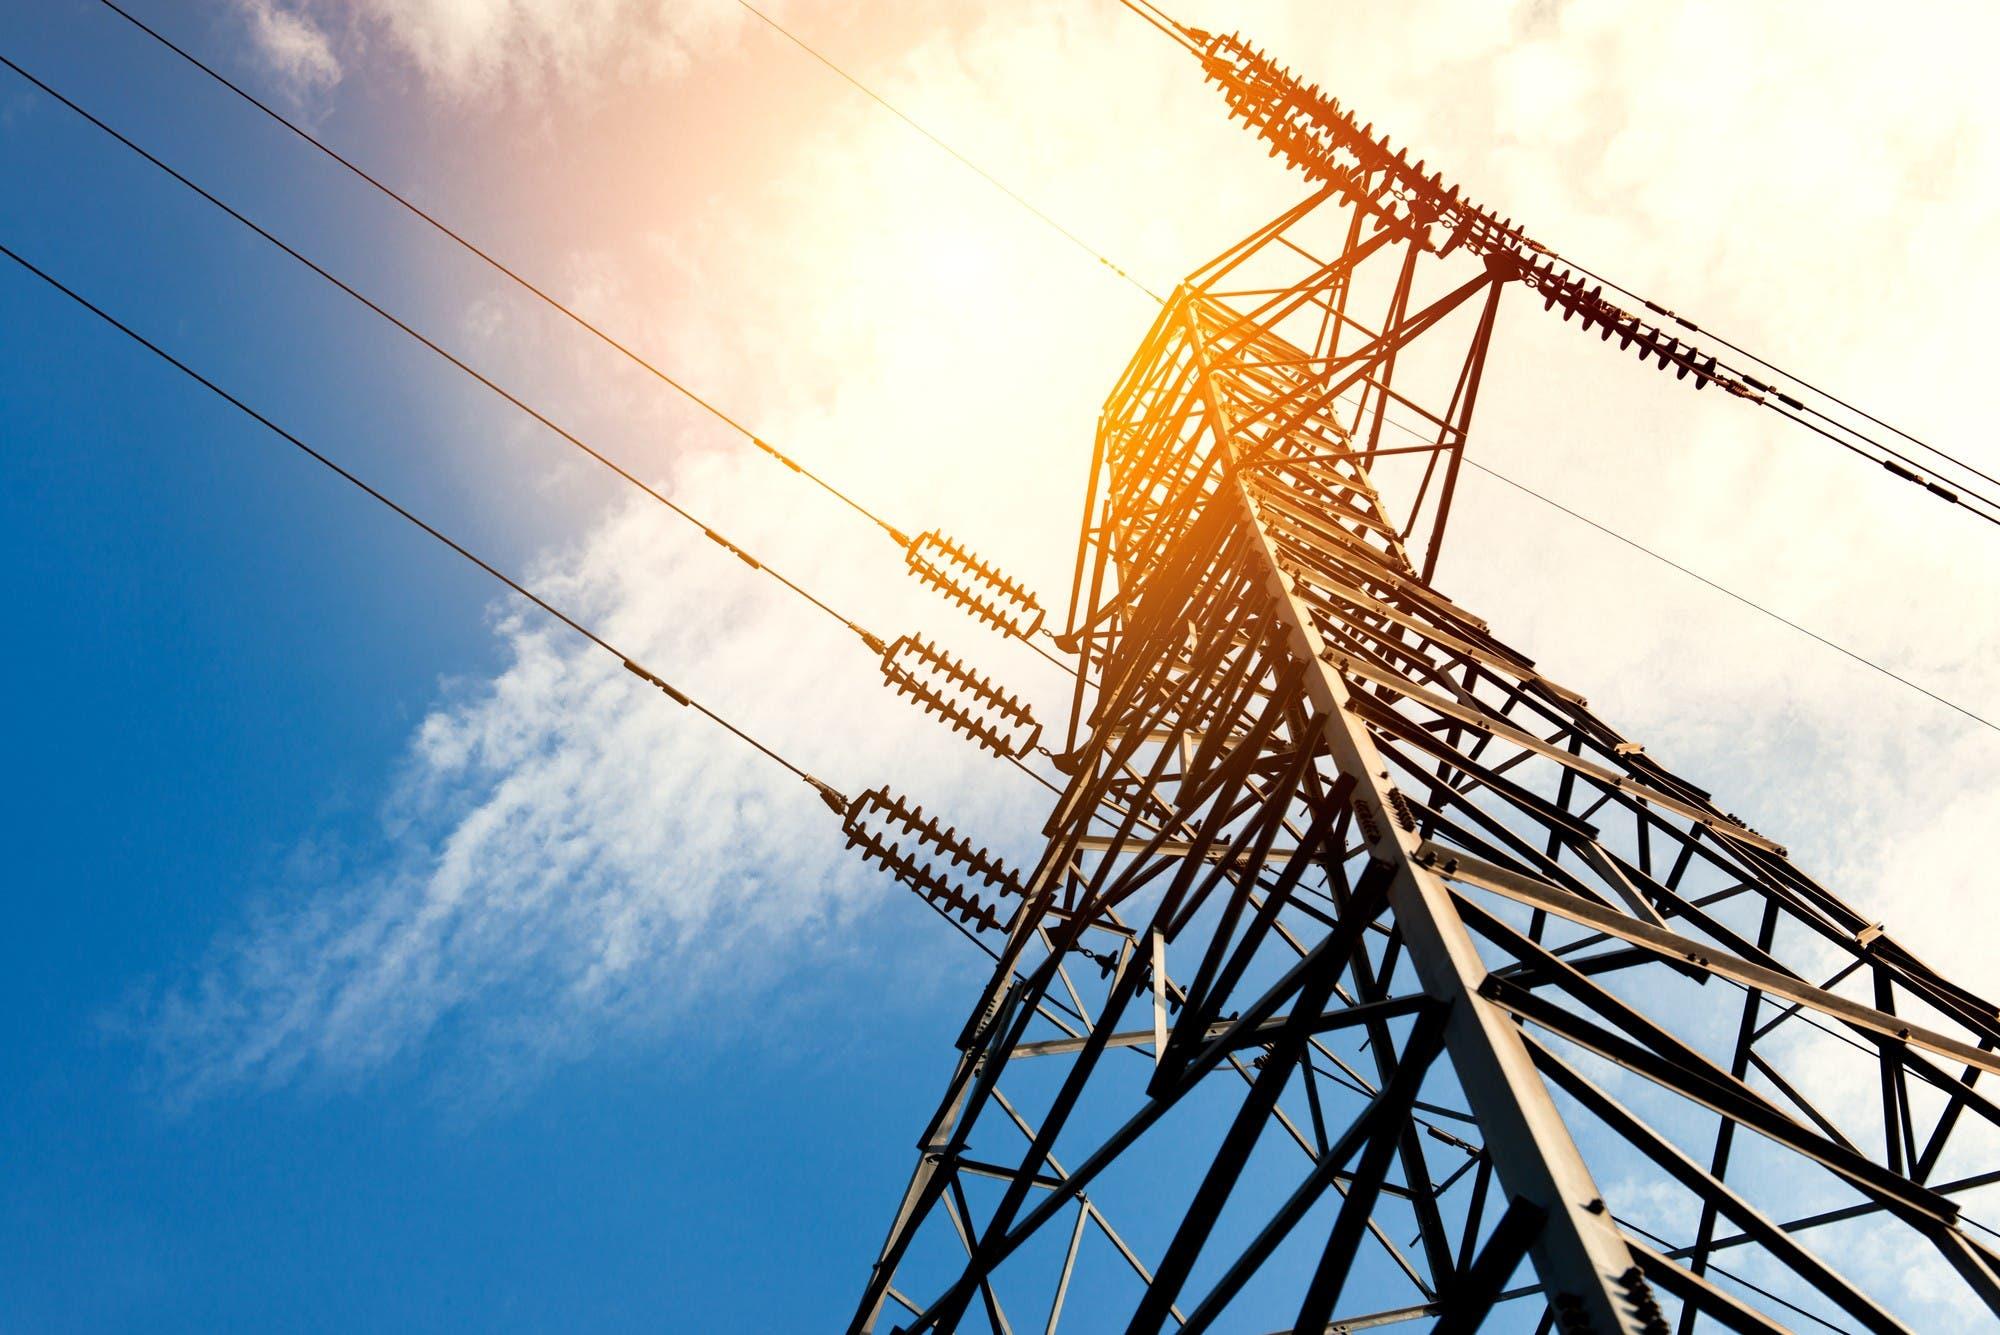 El caso del router inocente y un horno eléctrico totalmente desquiciado